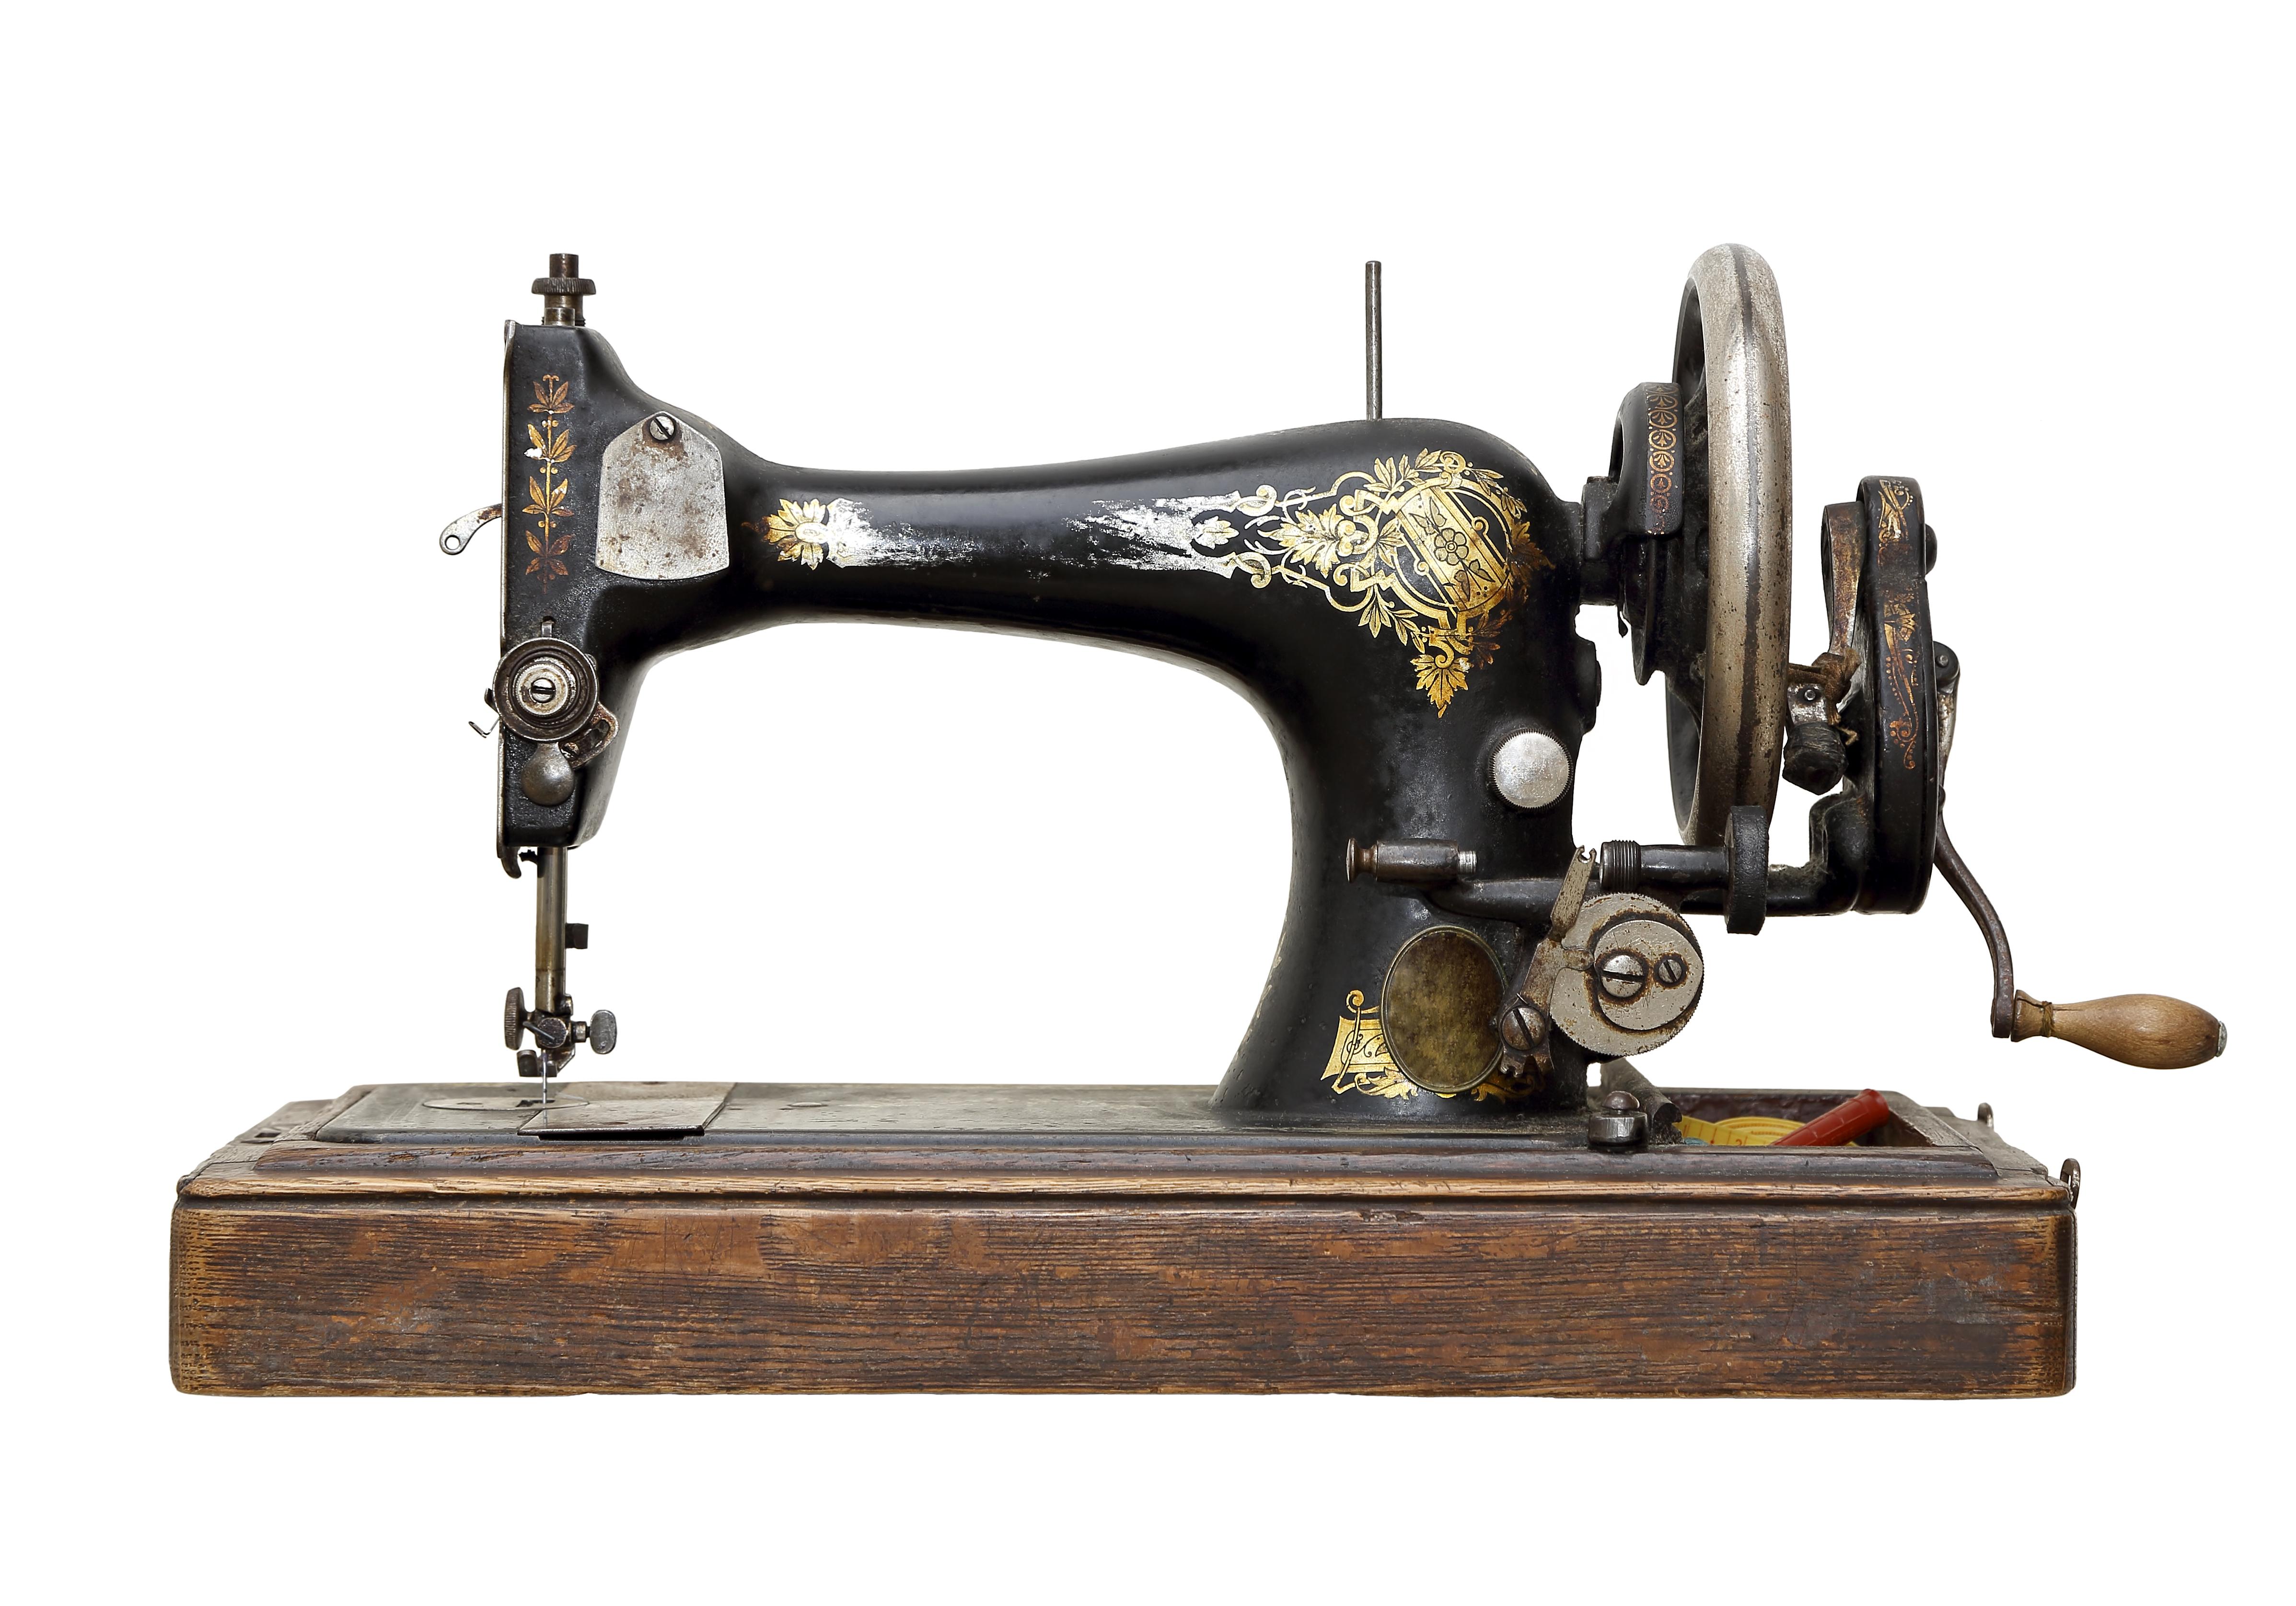 singer sewing macjines